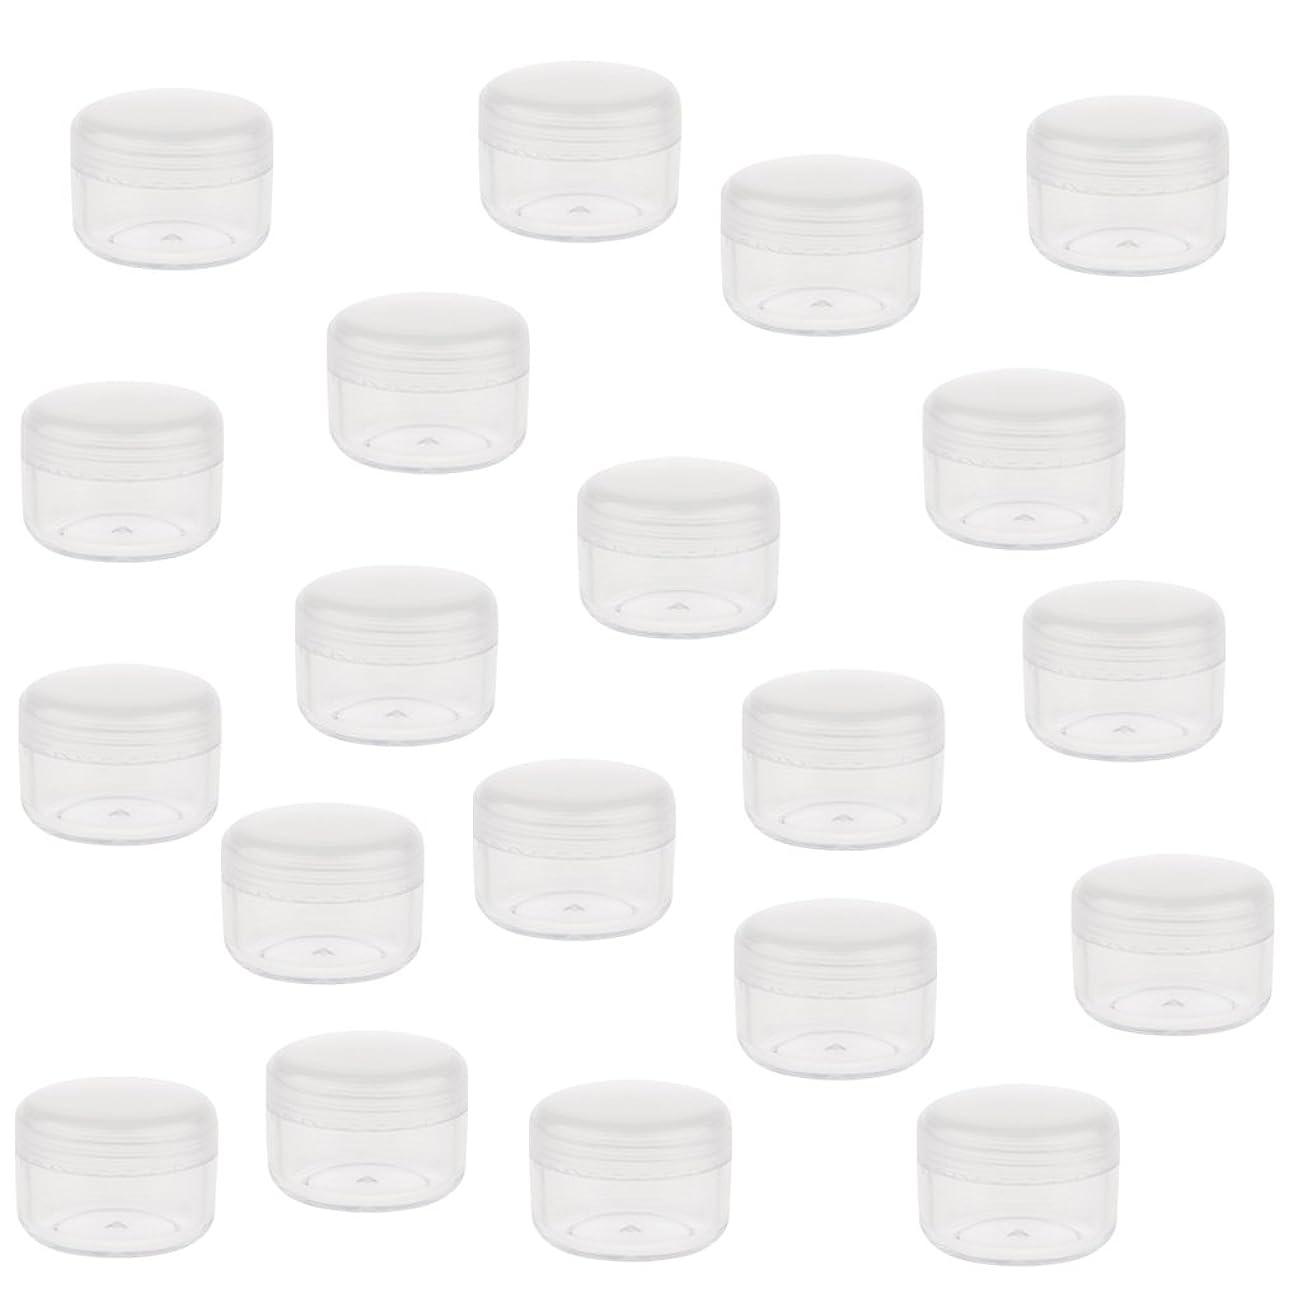 解く消す成長するCUTICATE 小型 化粧ポット瓶 化粧品 クリームジャーポット 蓋付き 化粧品容器 ポータブル 20個 全2サイズ - 5g